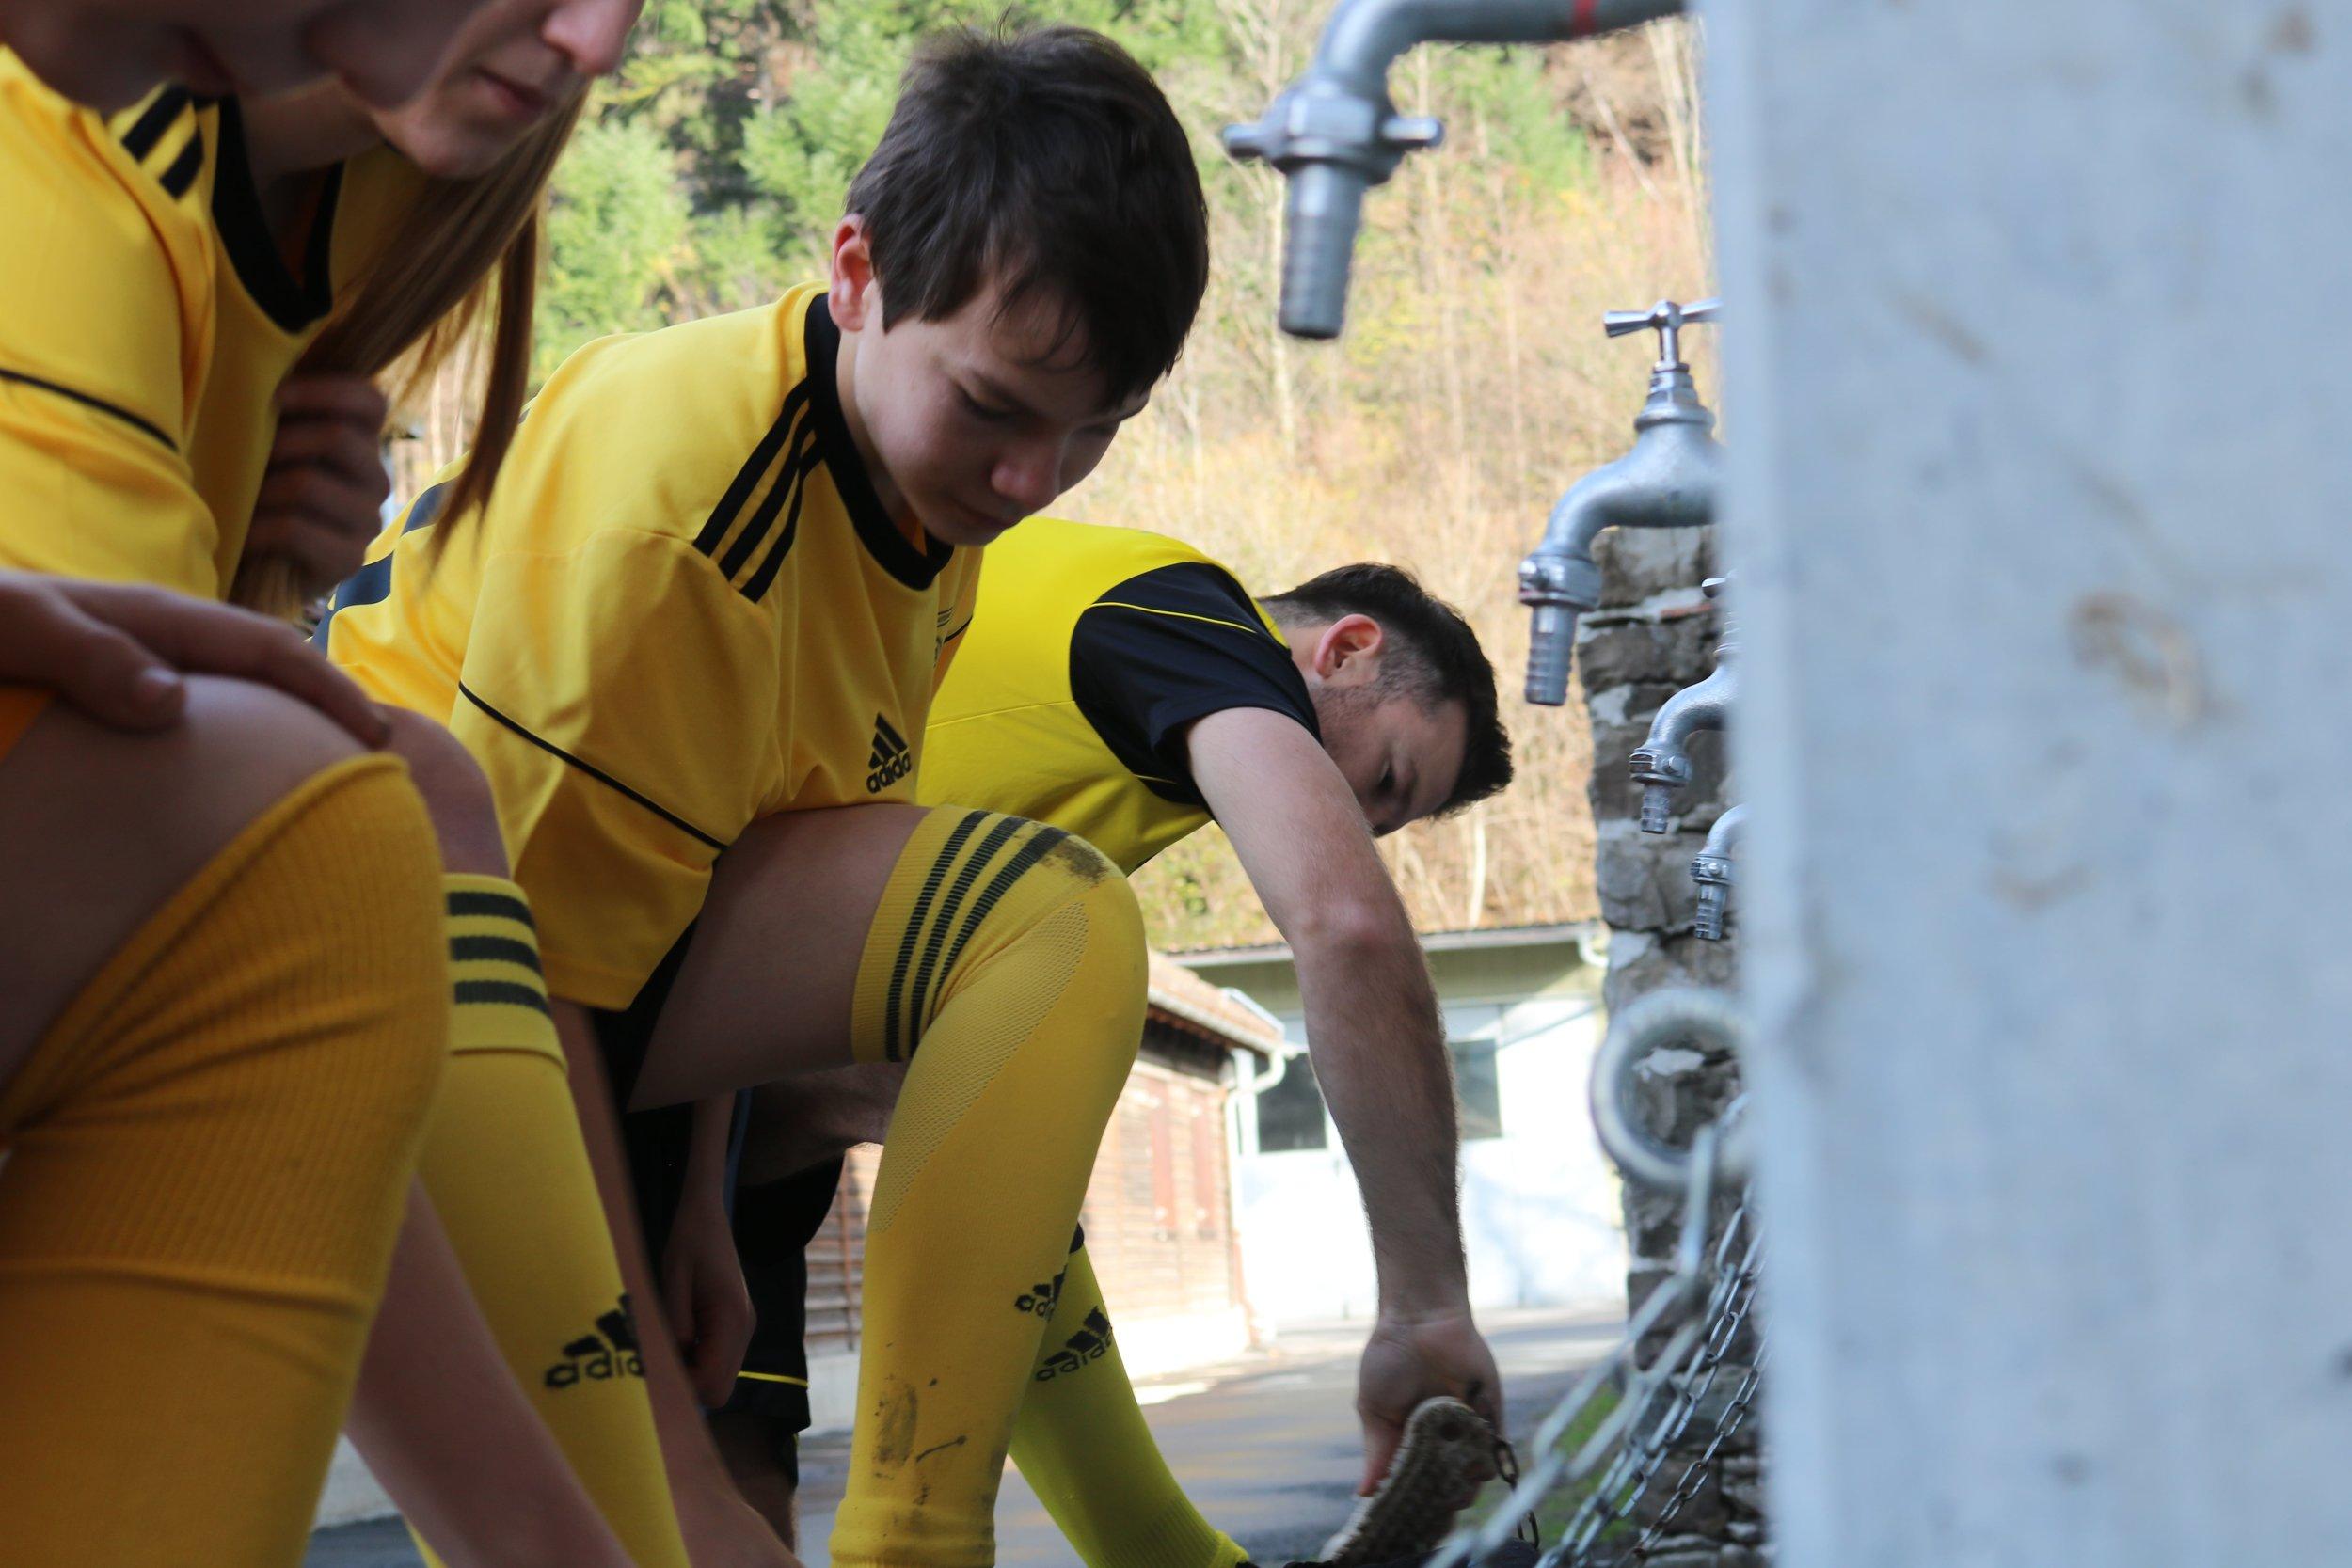 Die letzten Spiele finden statt. Teilweise geht es noch um einiges. Foto: FC Altdorf